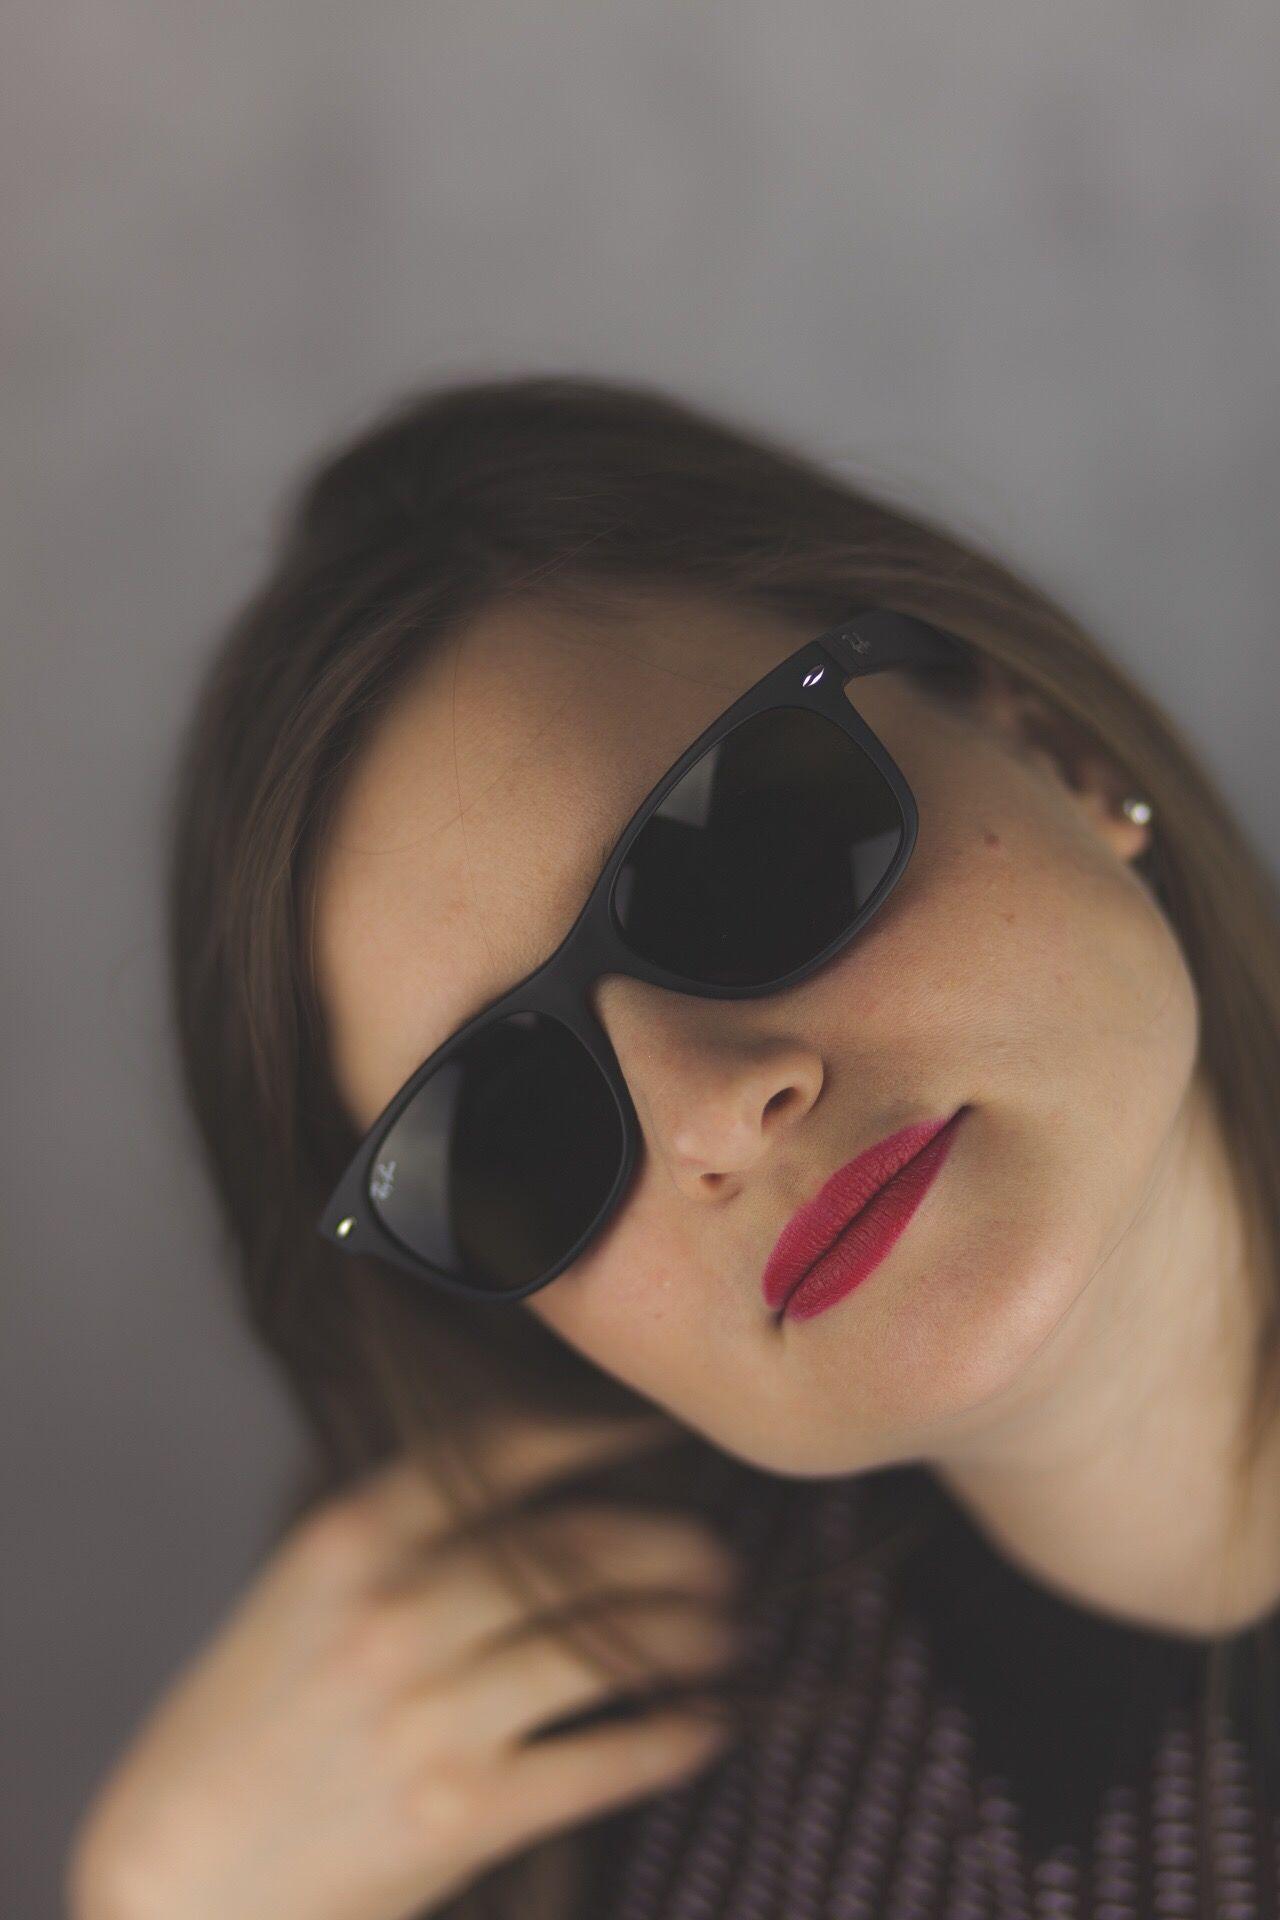 Séance photo à partir de 50€. Portrait Photography Portrait Studio Photography Shooting Photos Seance Photo Studio Shot